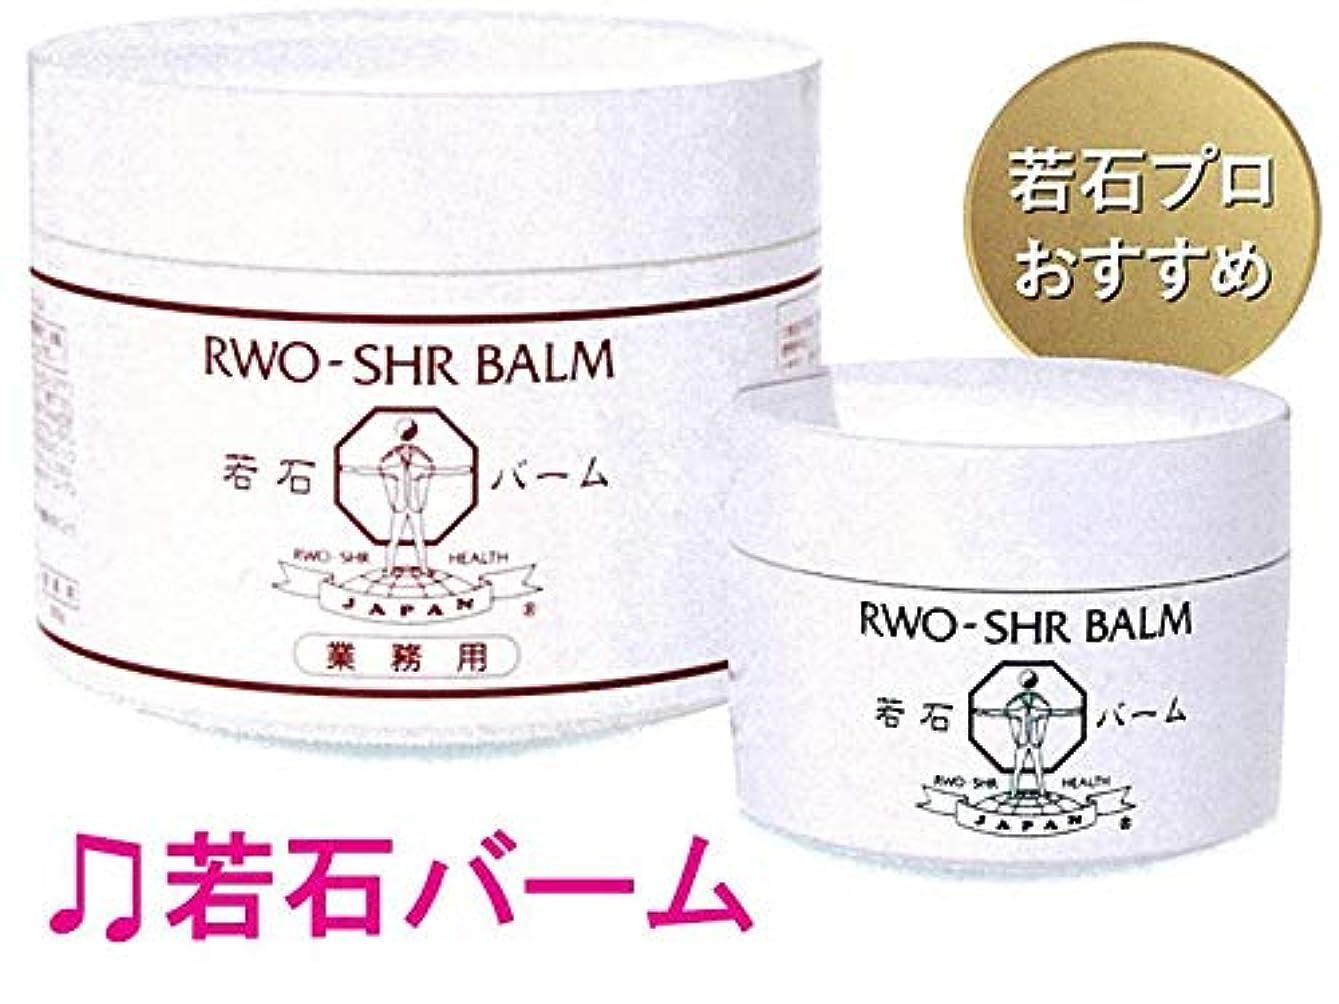 七面鳥普通に価値若石バーム(250g) RWO-SHR BALM 国際若石健康研究会正規品